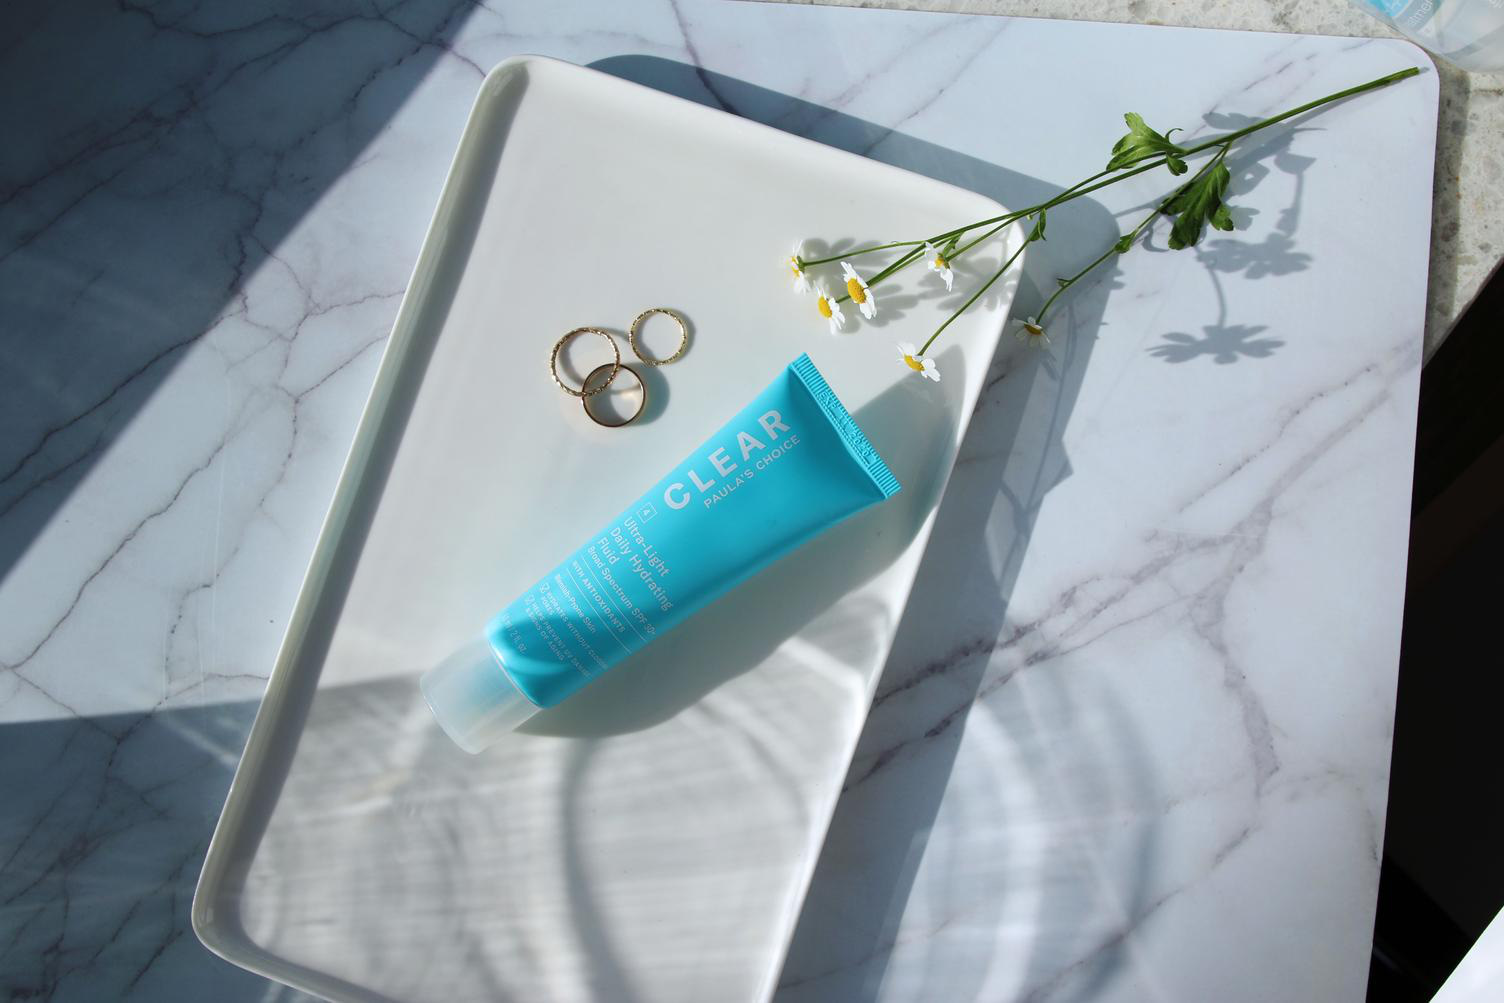 Lộ diện 5 tuýp kem chống nắng bảo vệ da hoàn hảo trước tác động của tia UV - Ảnh 6.